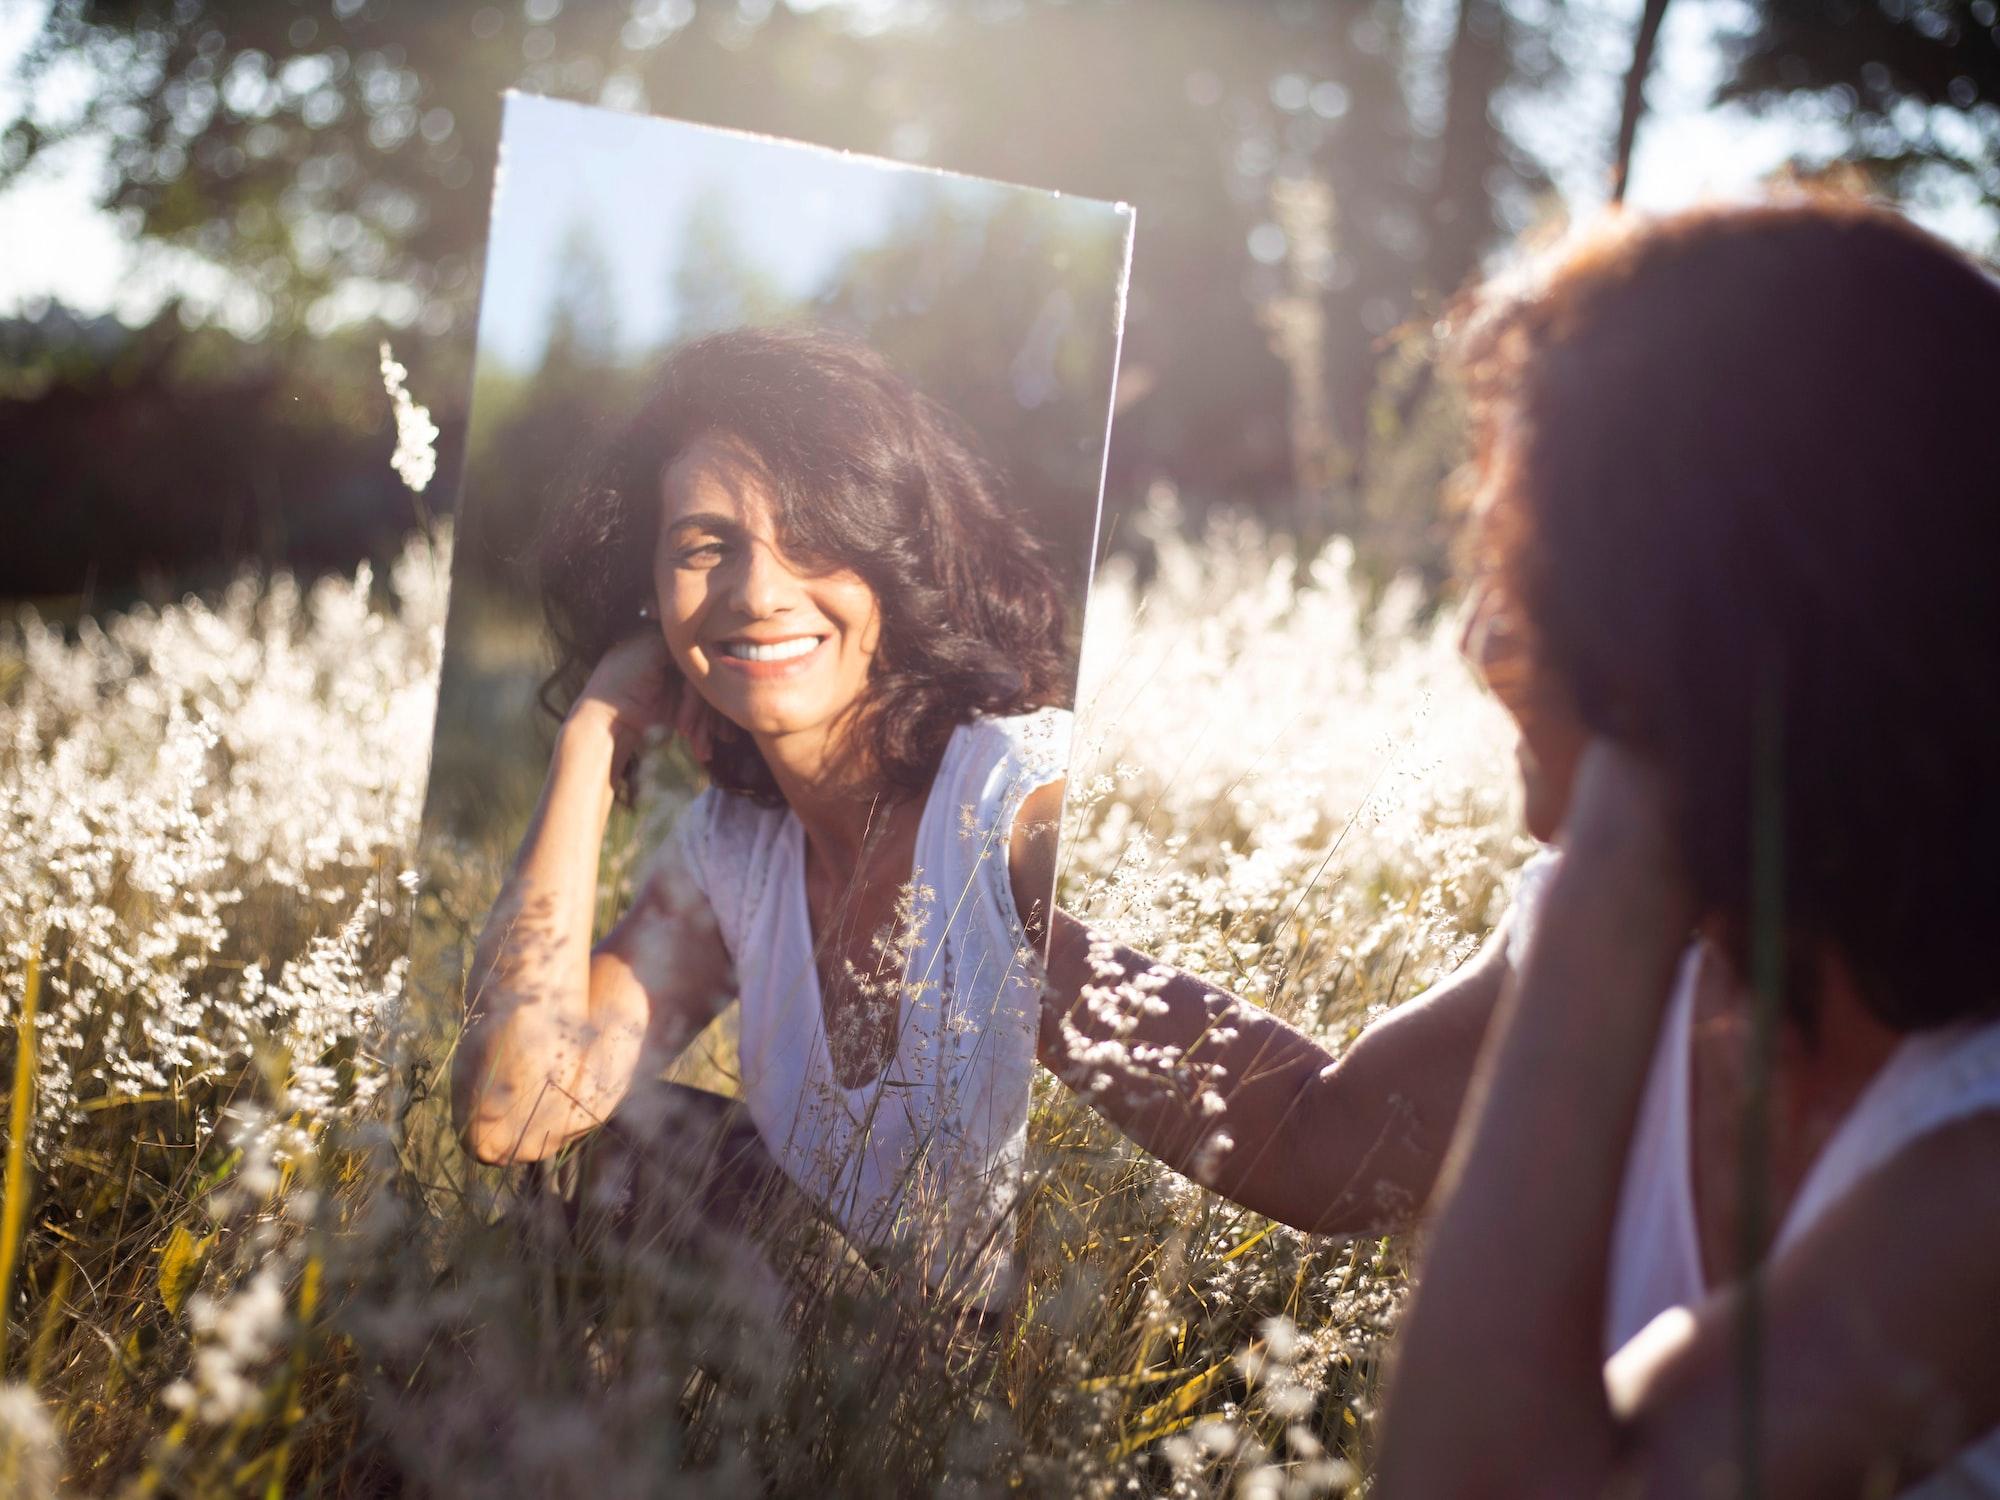 Exercițiu în oglindă. Rutina de autoîngrijire